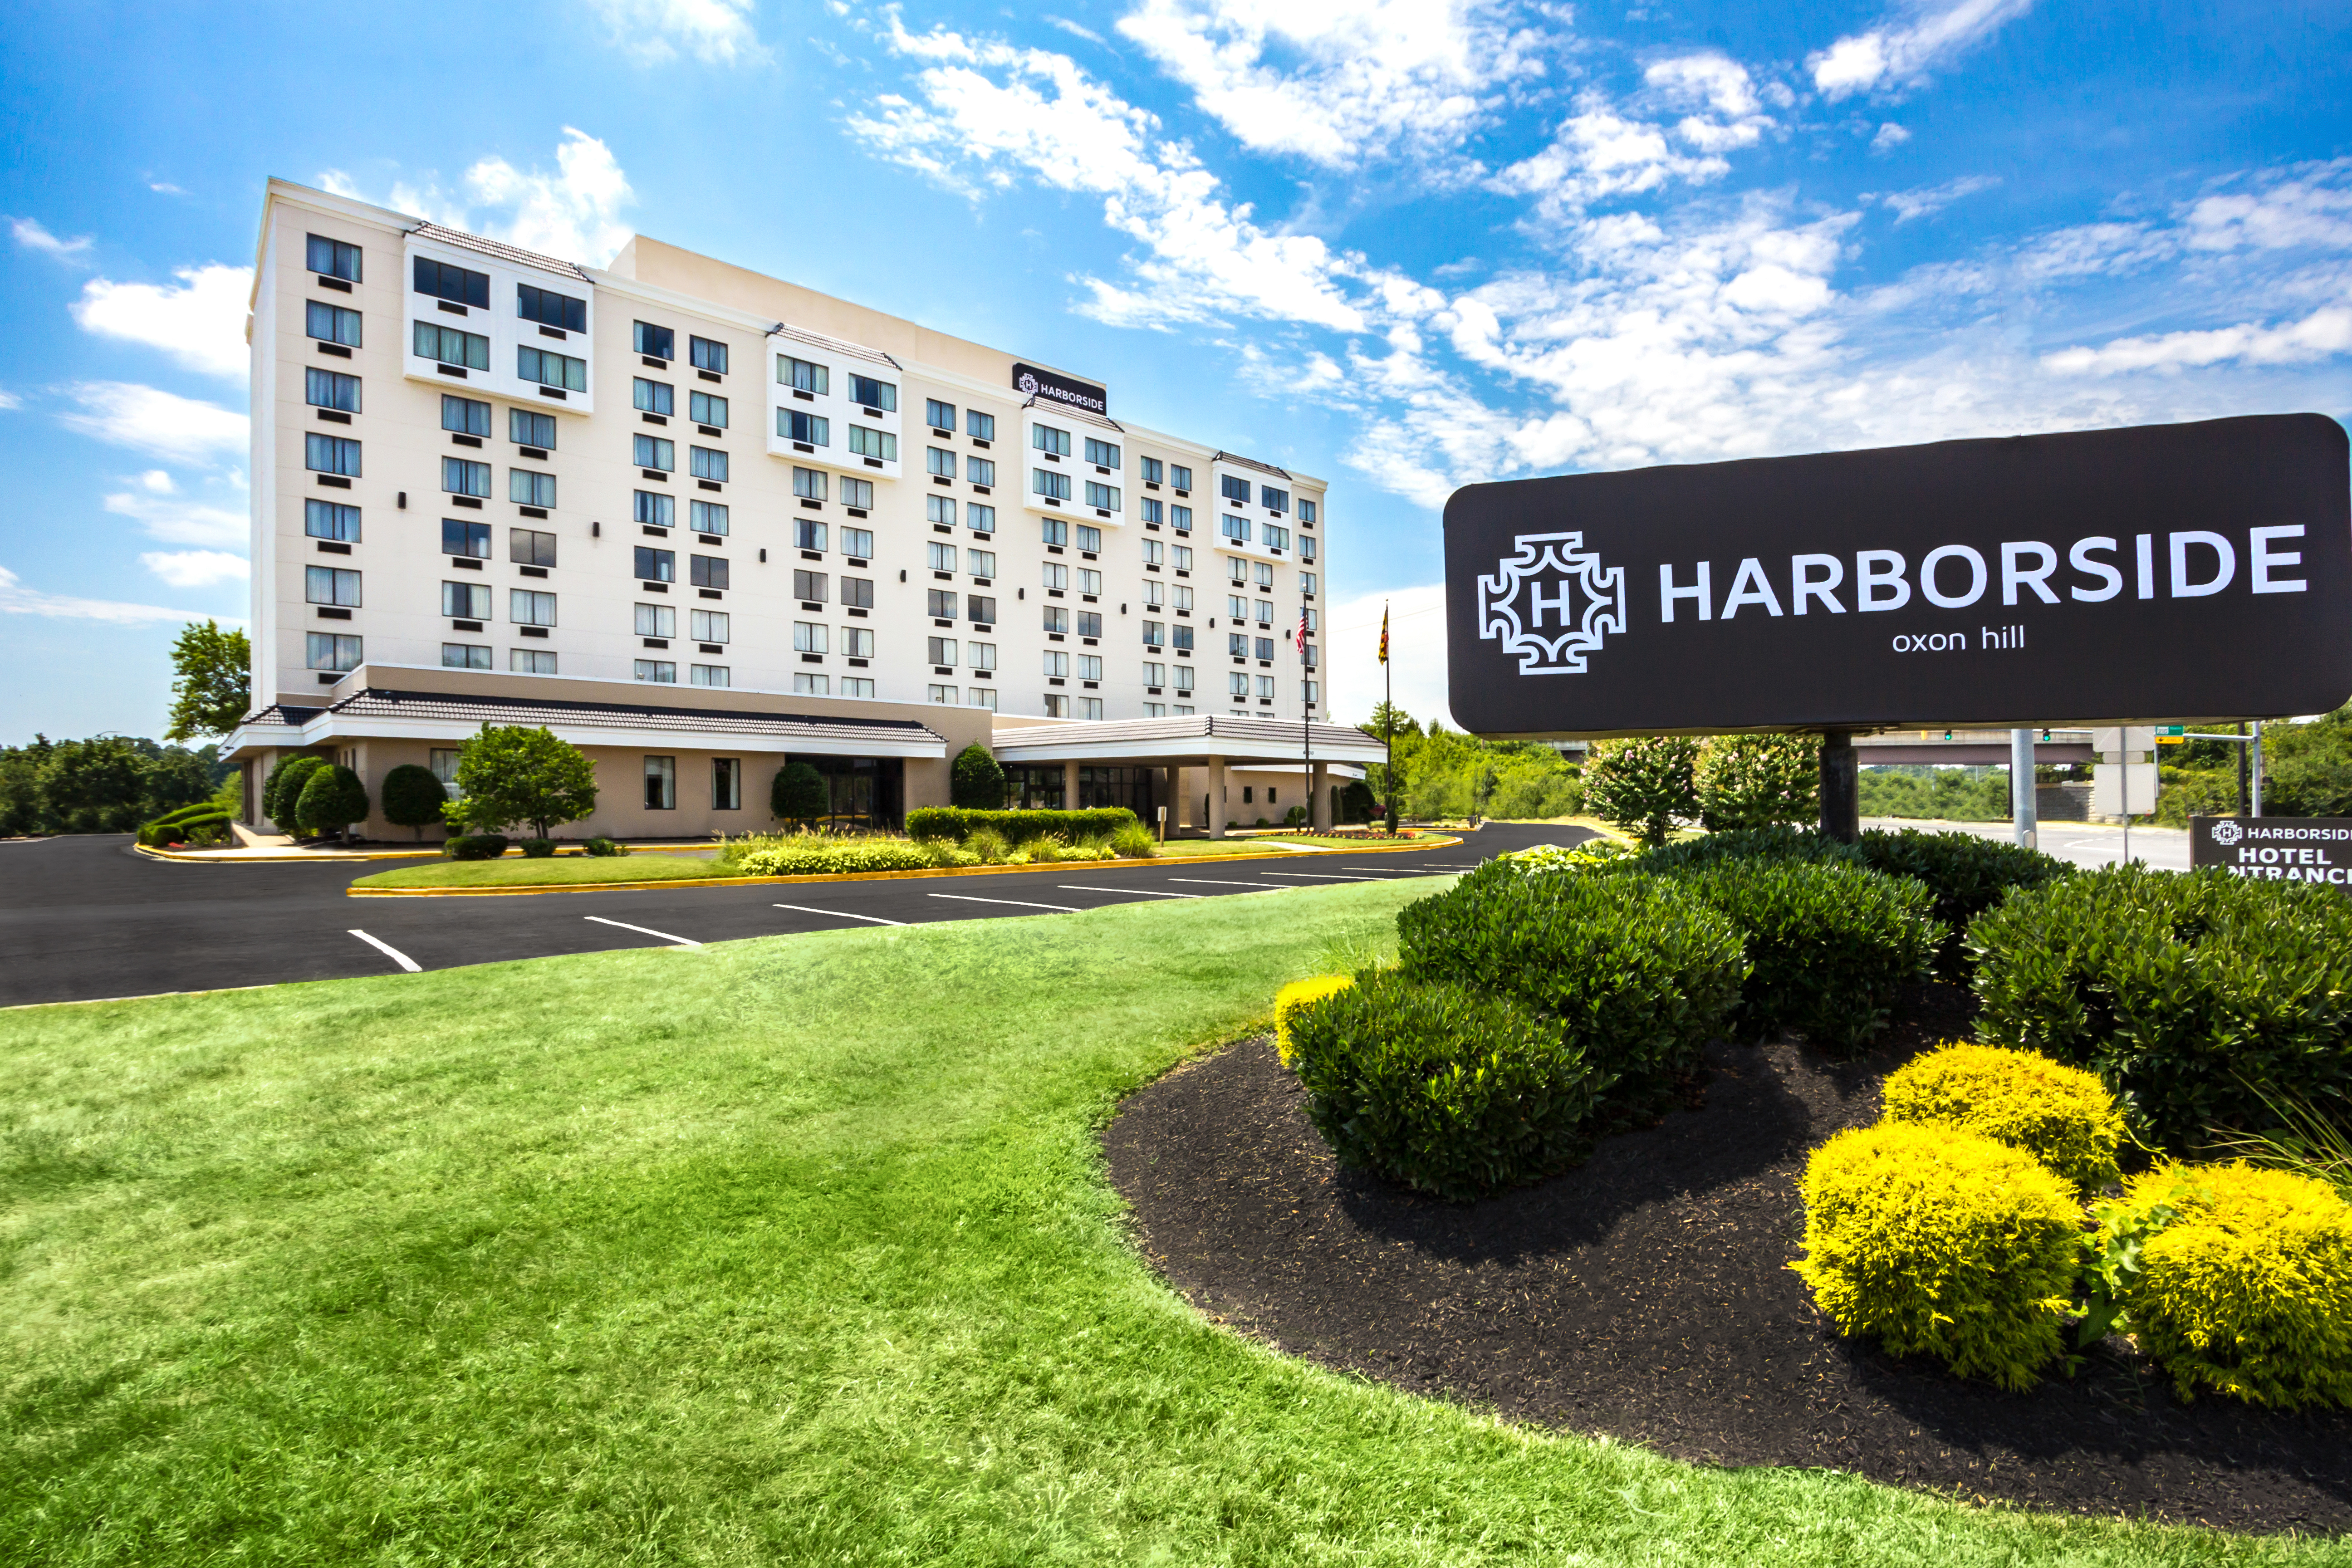 harborsideoxonhill_studiotrejo-01